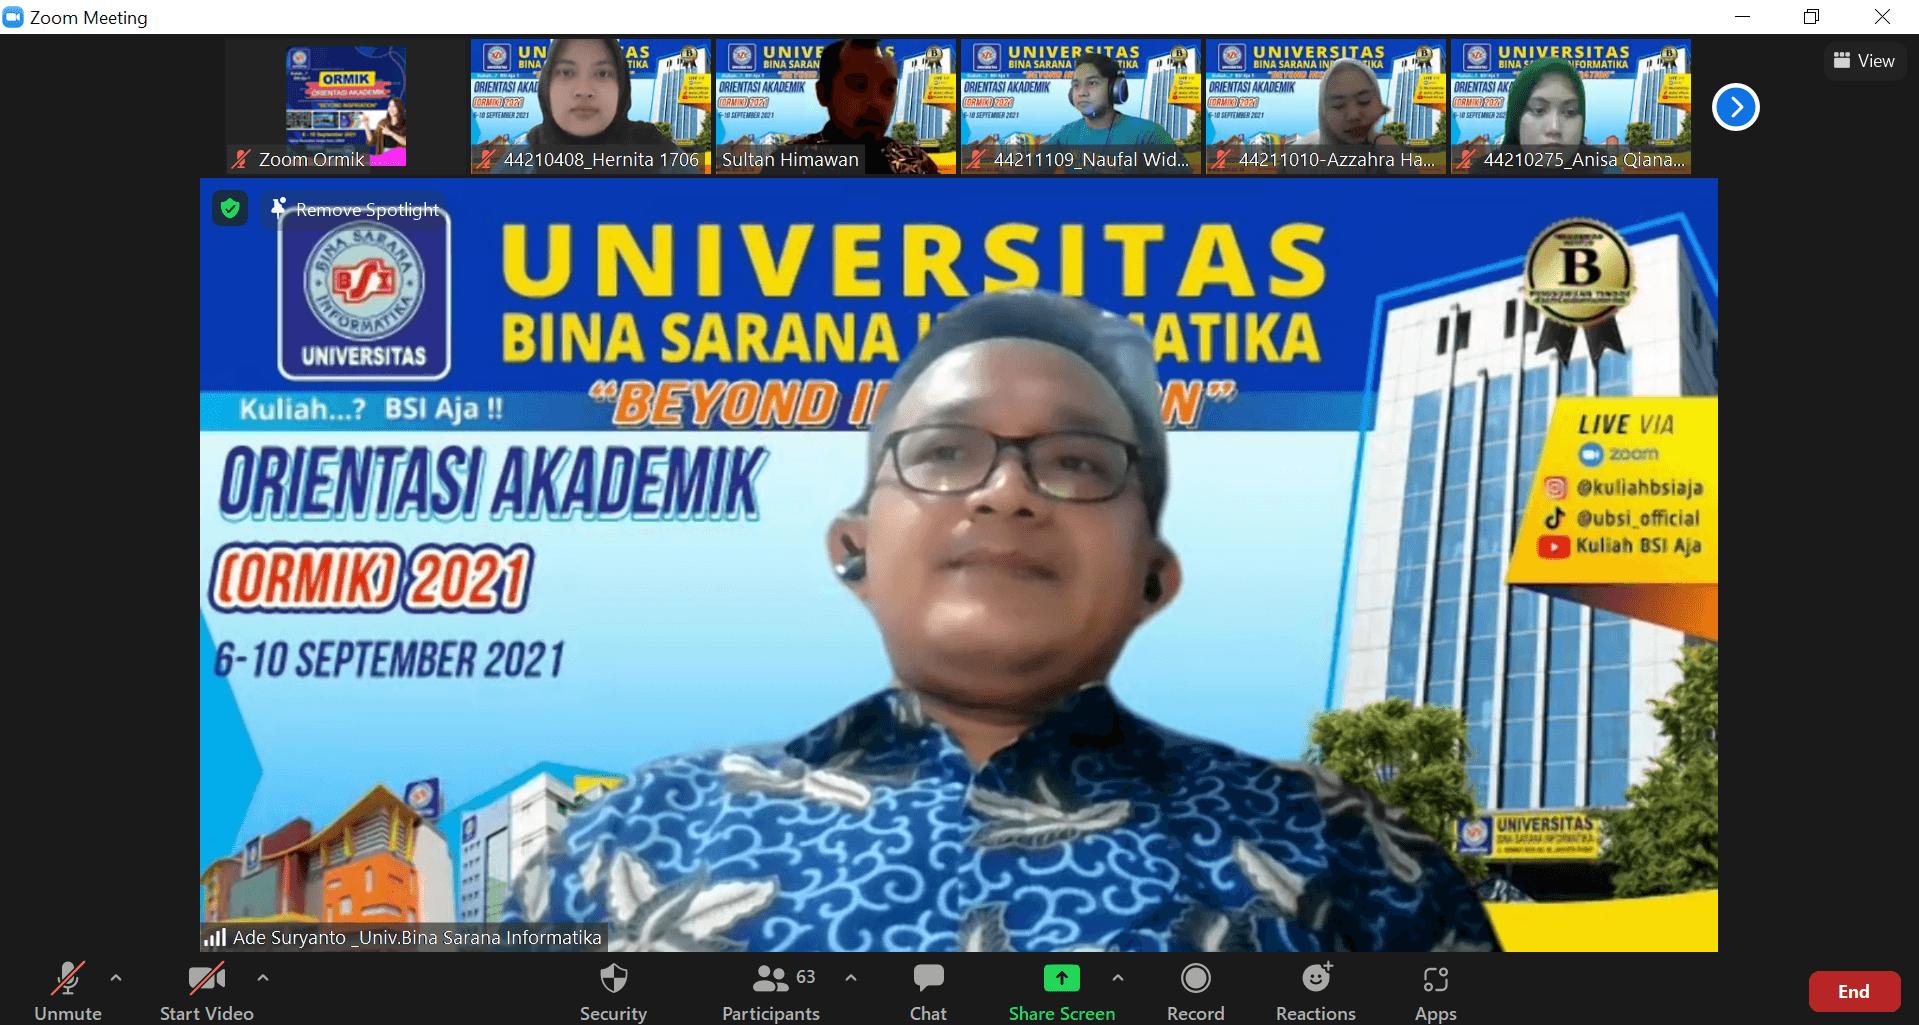 Orientasi Akademik 2021